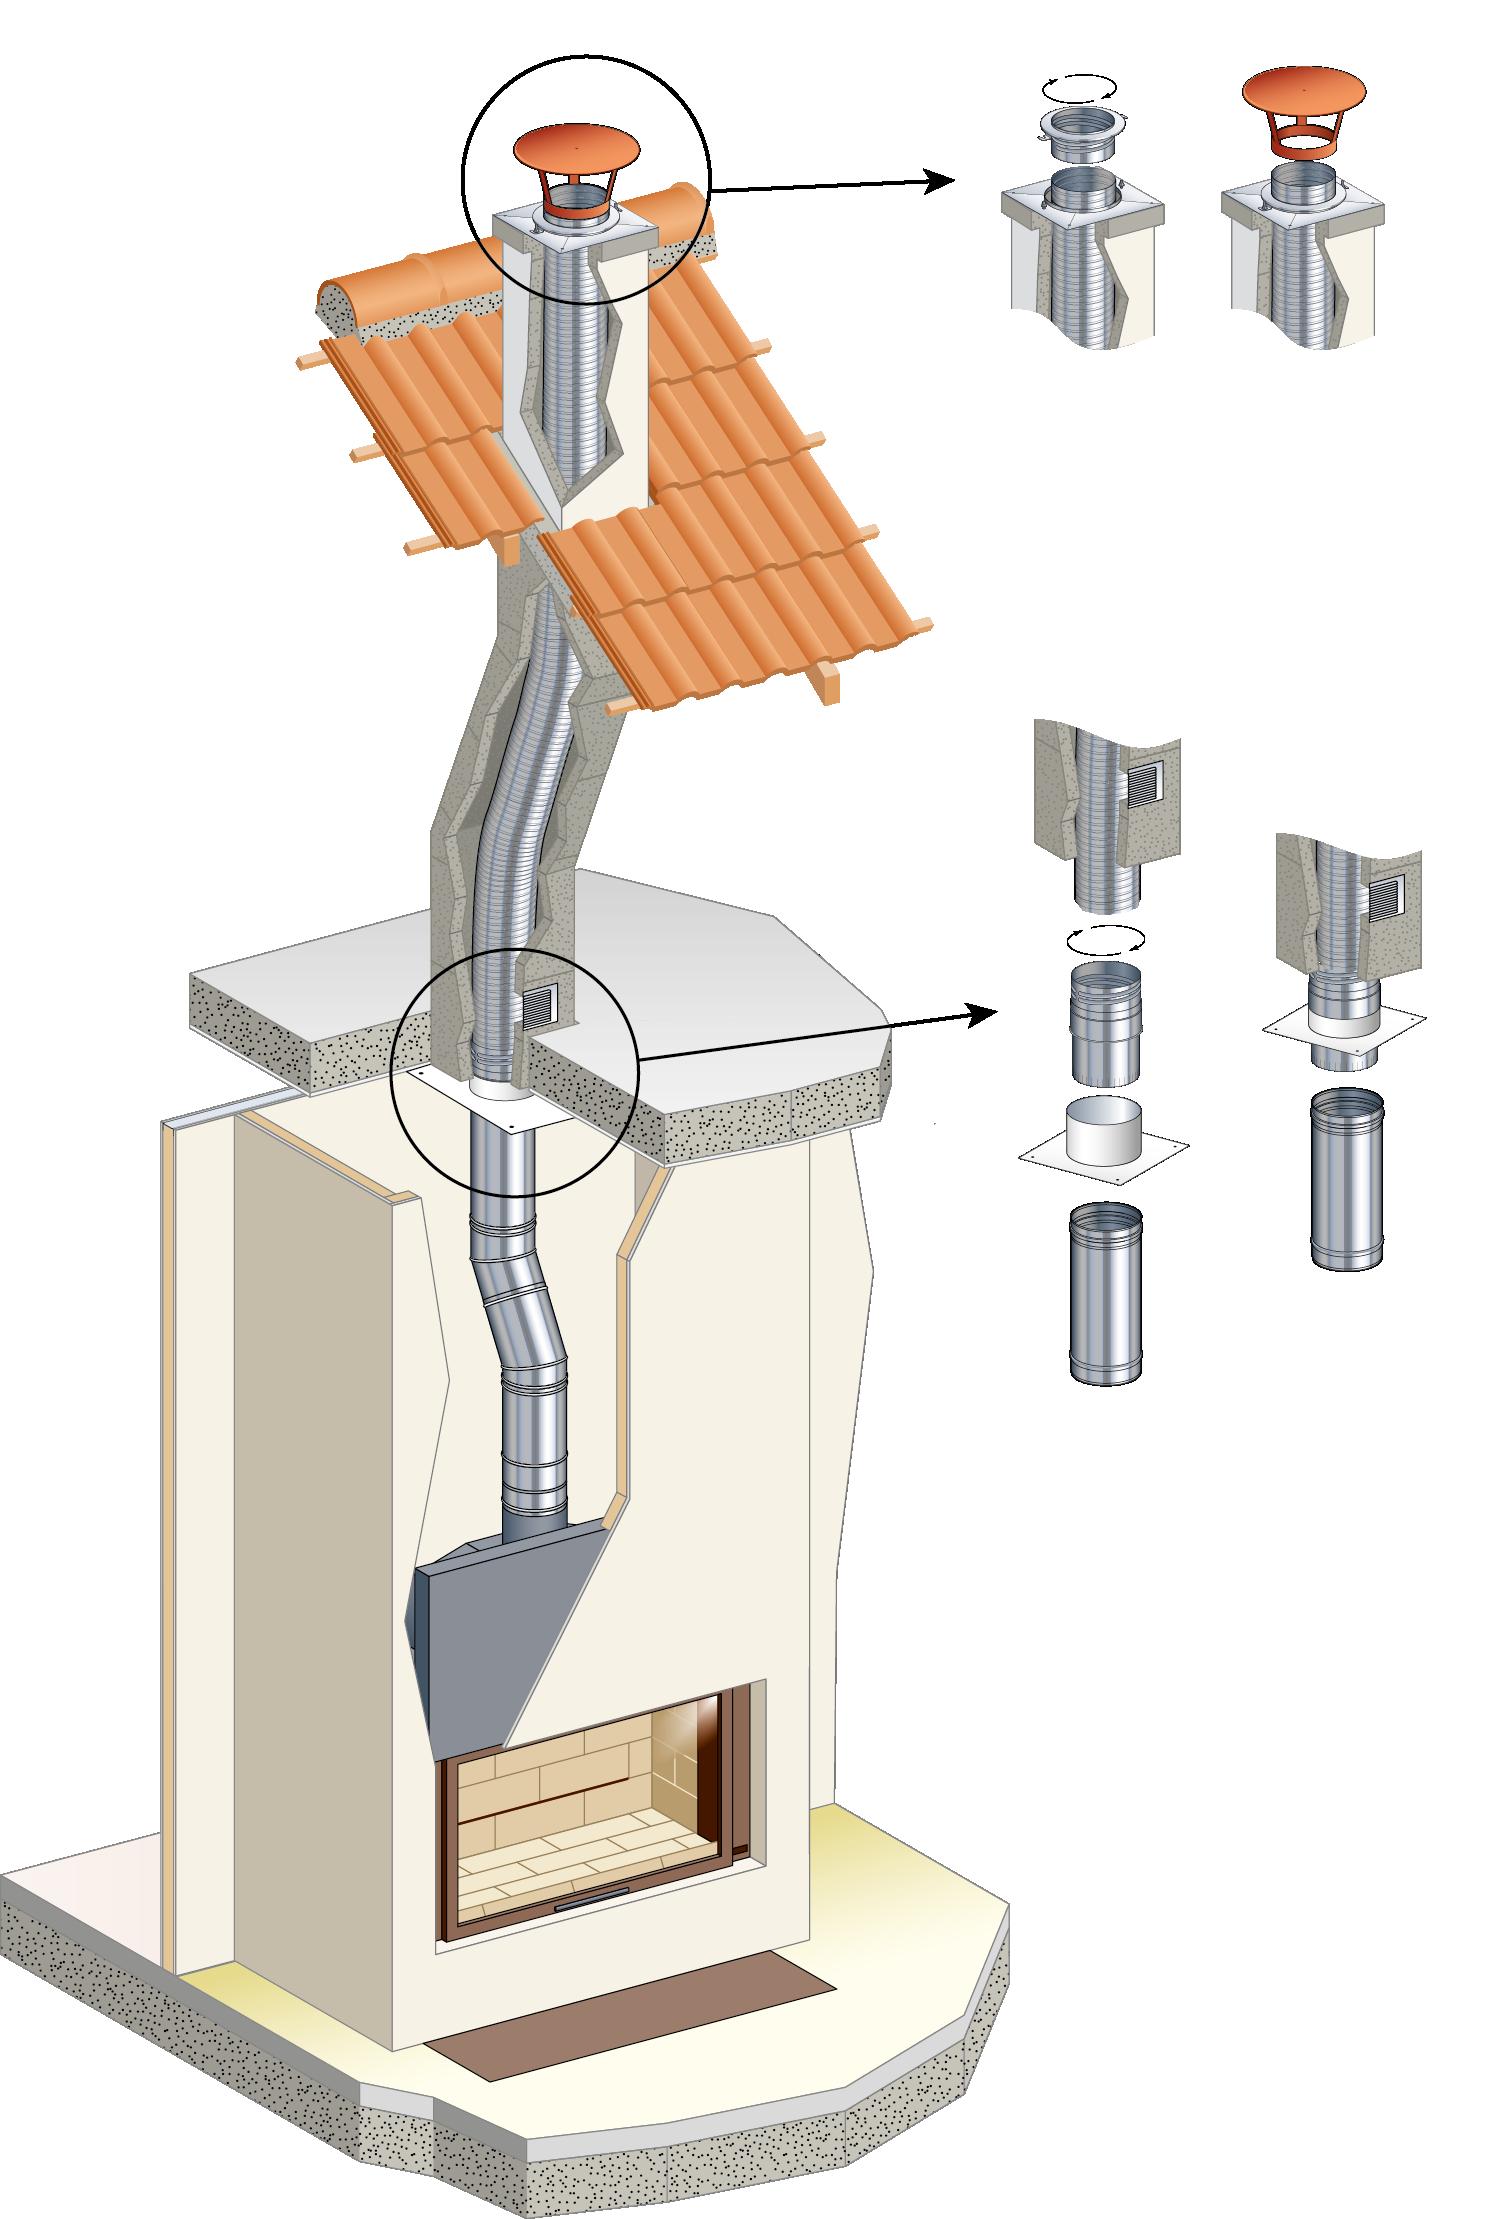 Chemin es poujoulat innovation le raccord flexible for Pose d un chapeau de cheminee